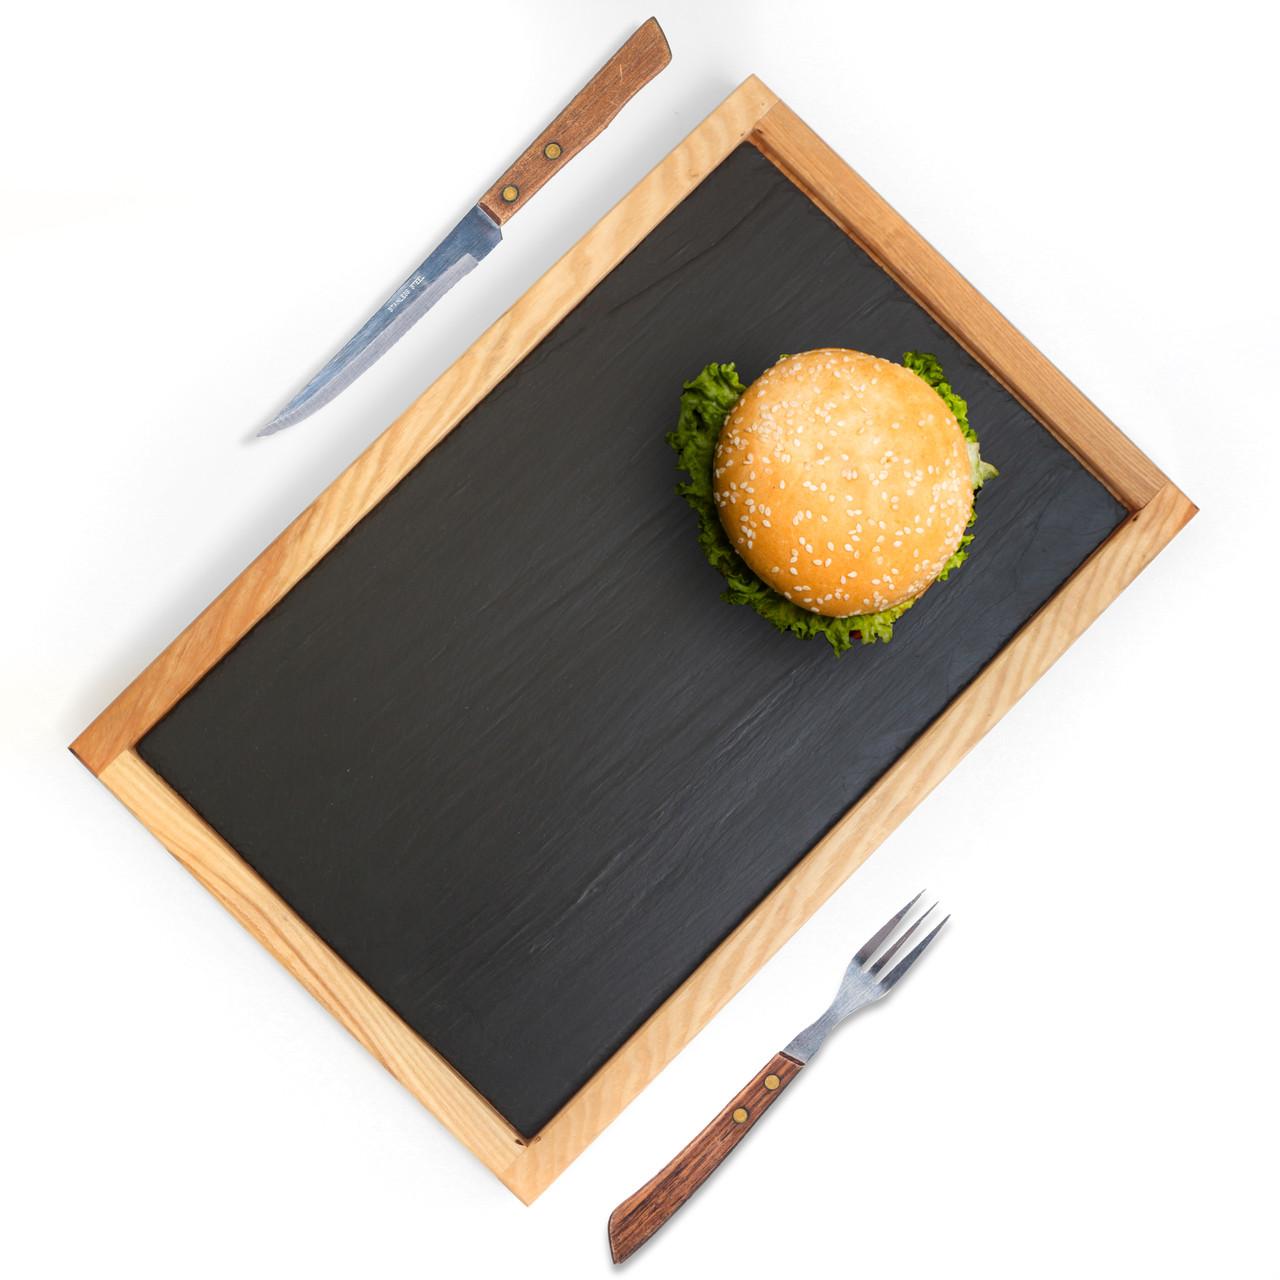 Доска со сланцевым блюдом Дуб Lasco Сланец - 40х25см